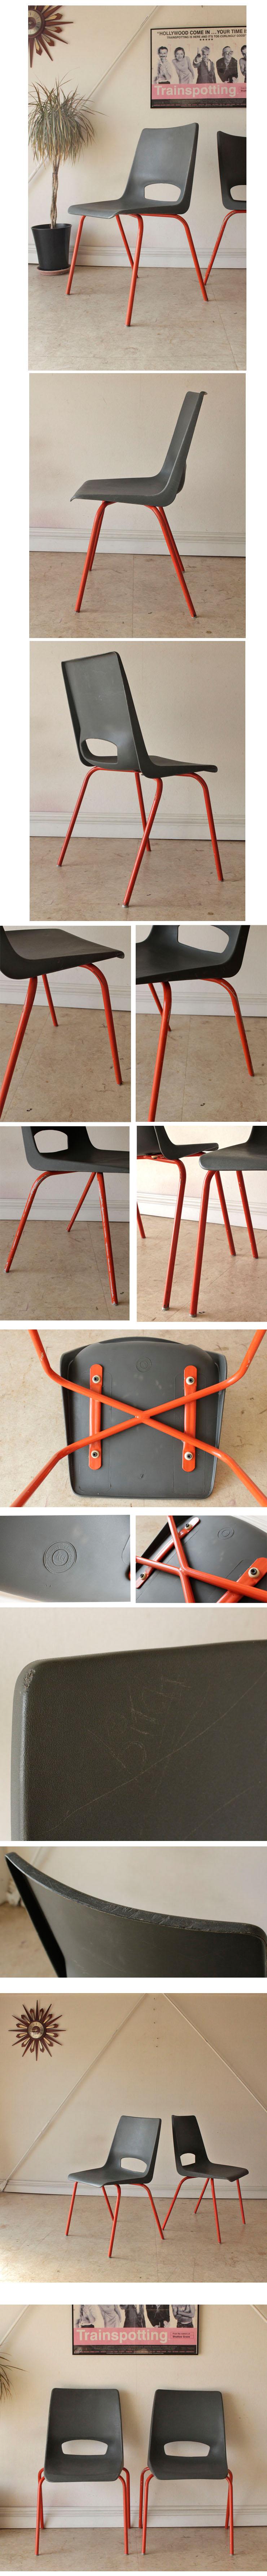 イギリス製ビンテージ・スタッキングチェア2脚セット・ミッドセンチュリー家具